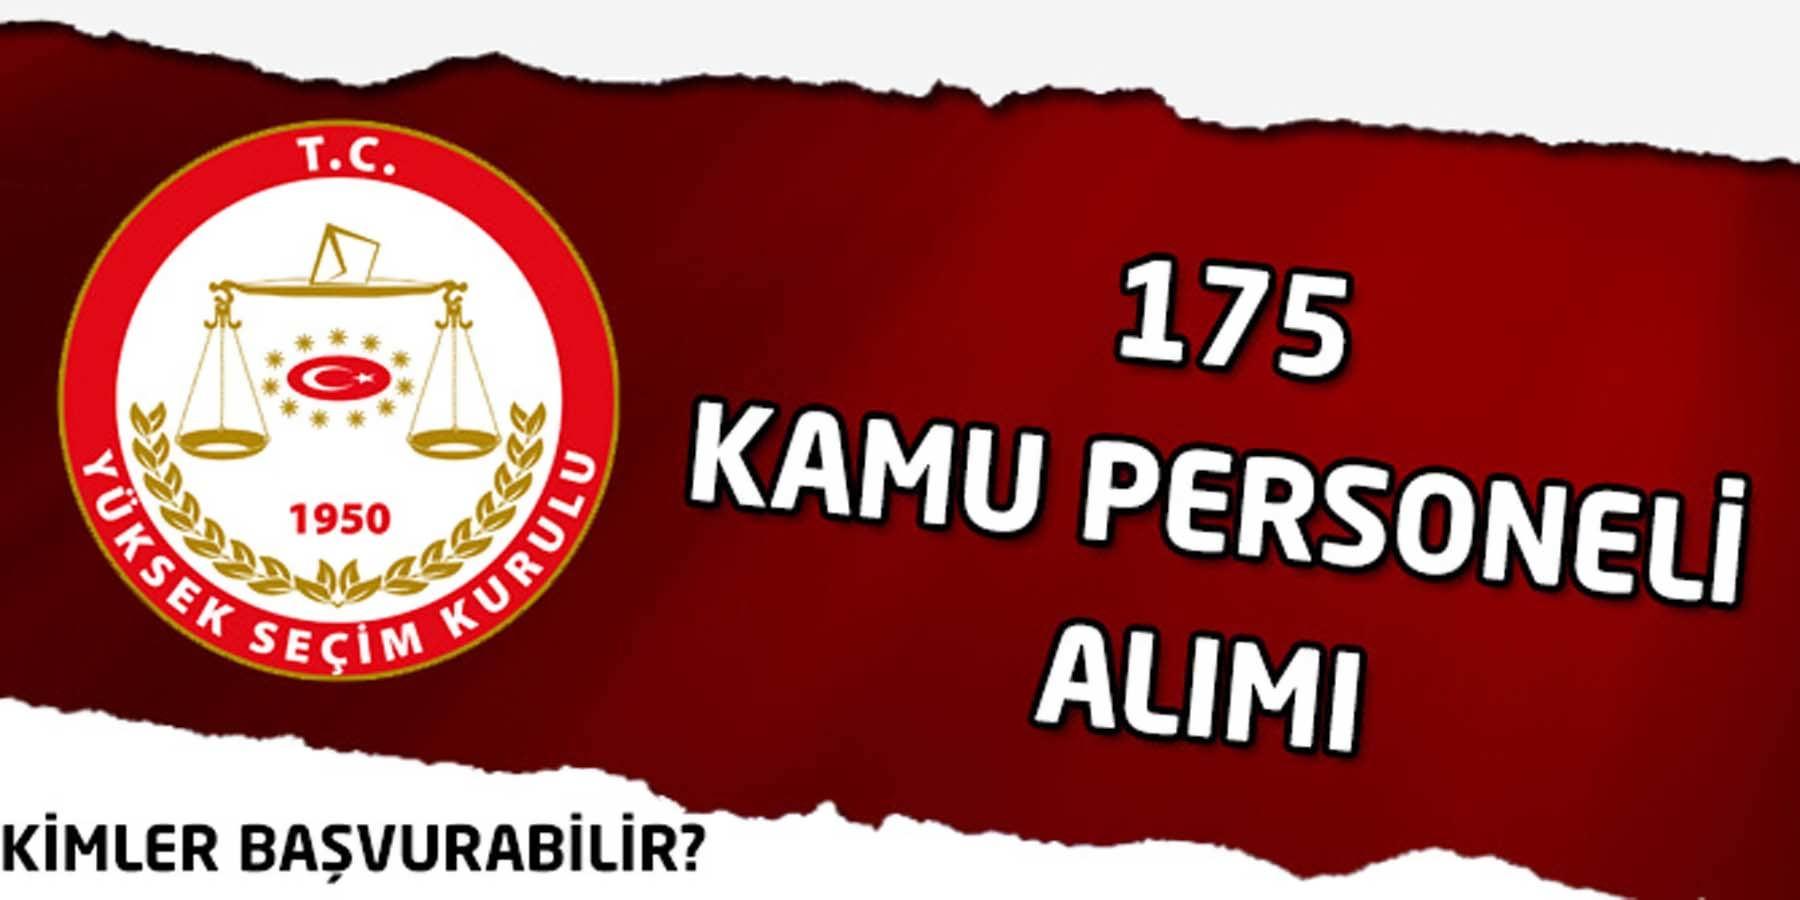 Yüksek Seçim Kurulu 175 Seçim Müdürü Alımı